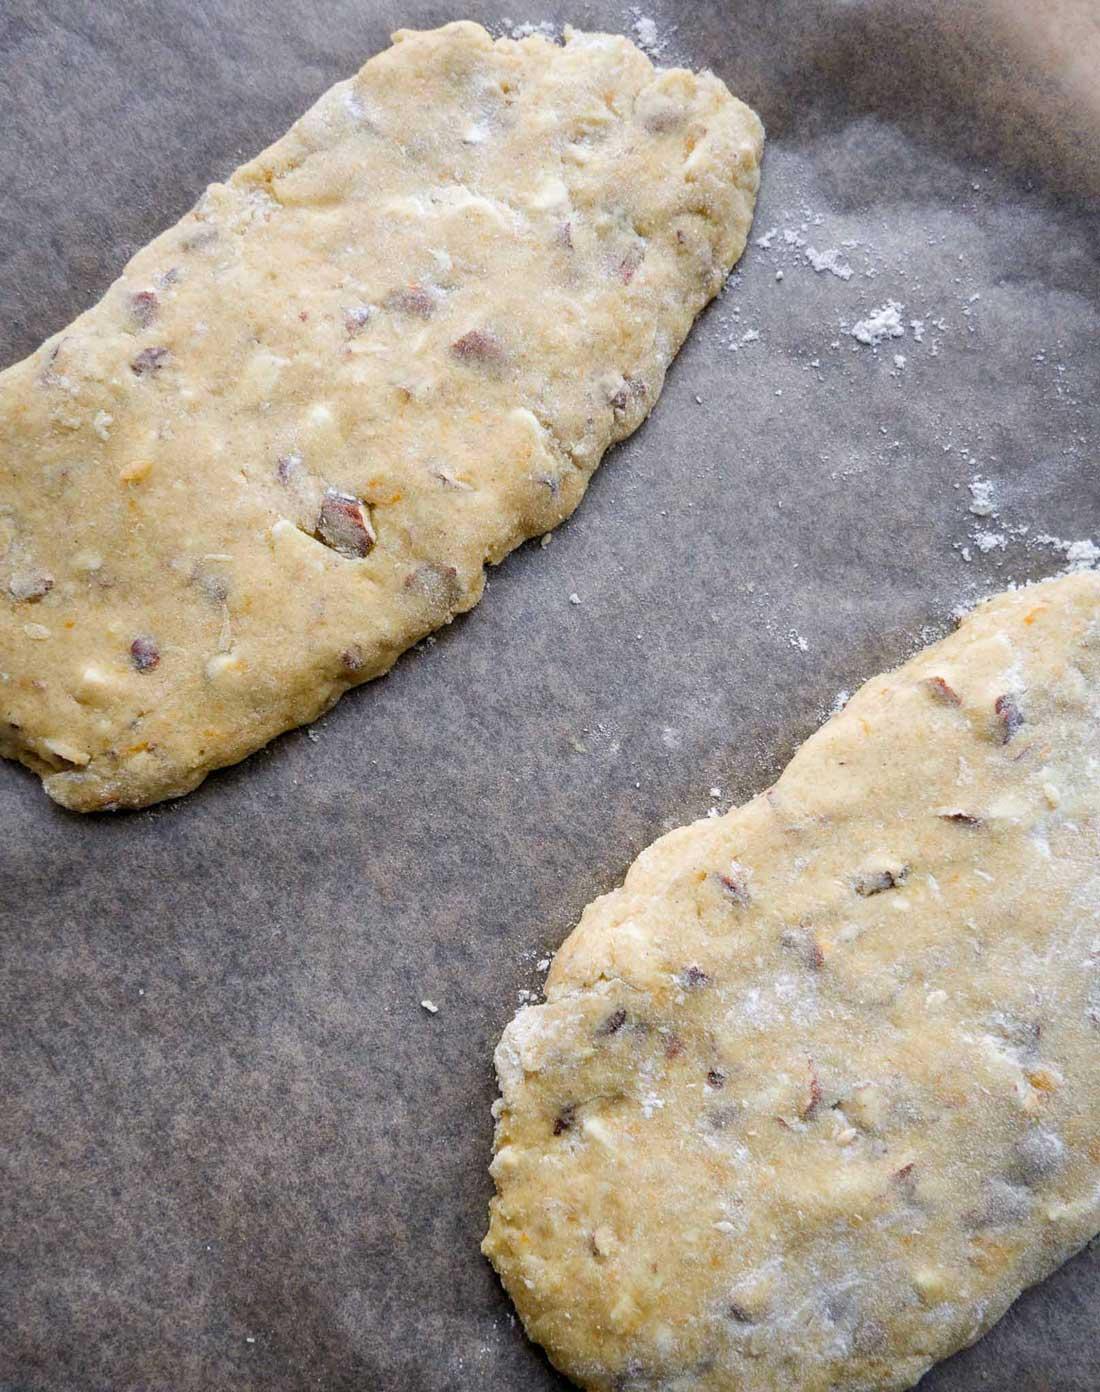 dejen til biscotti småkager